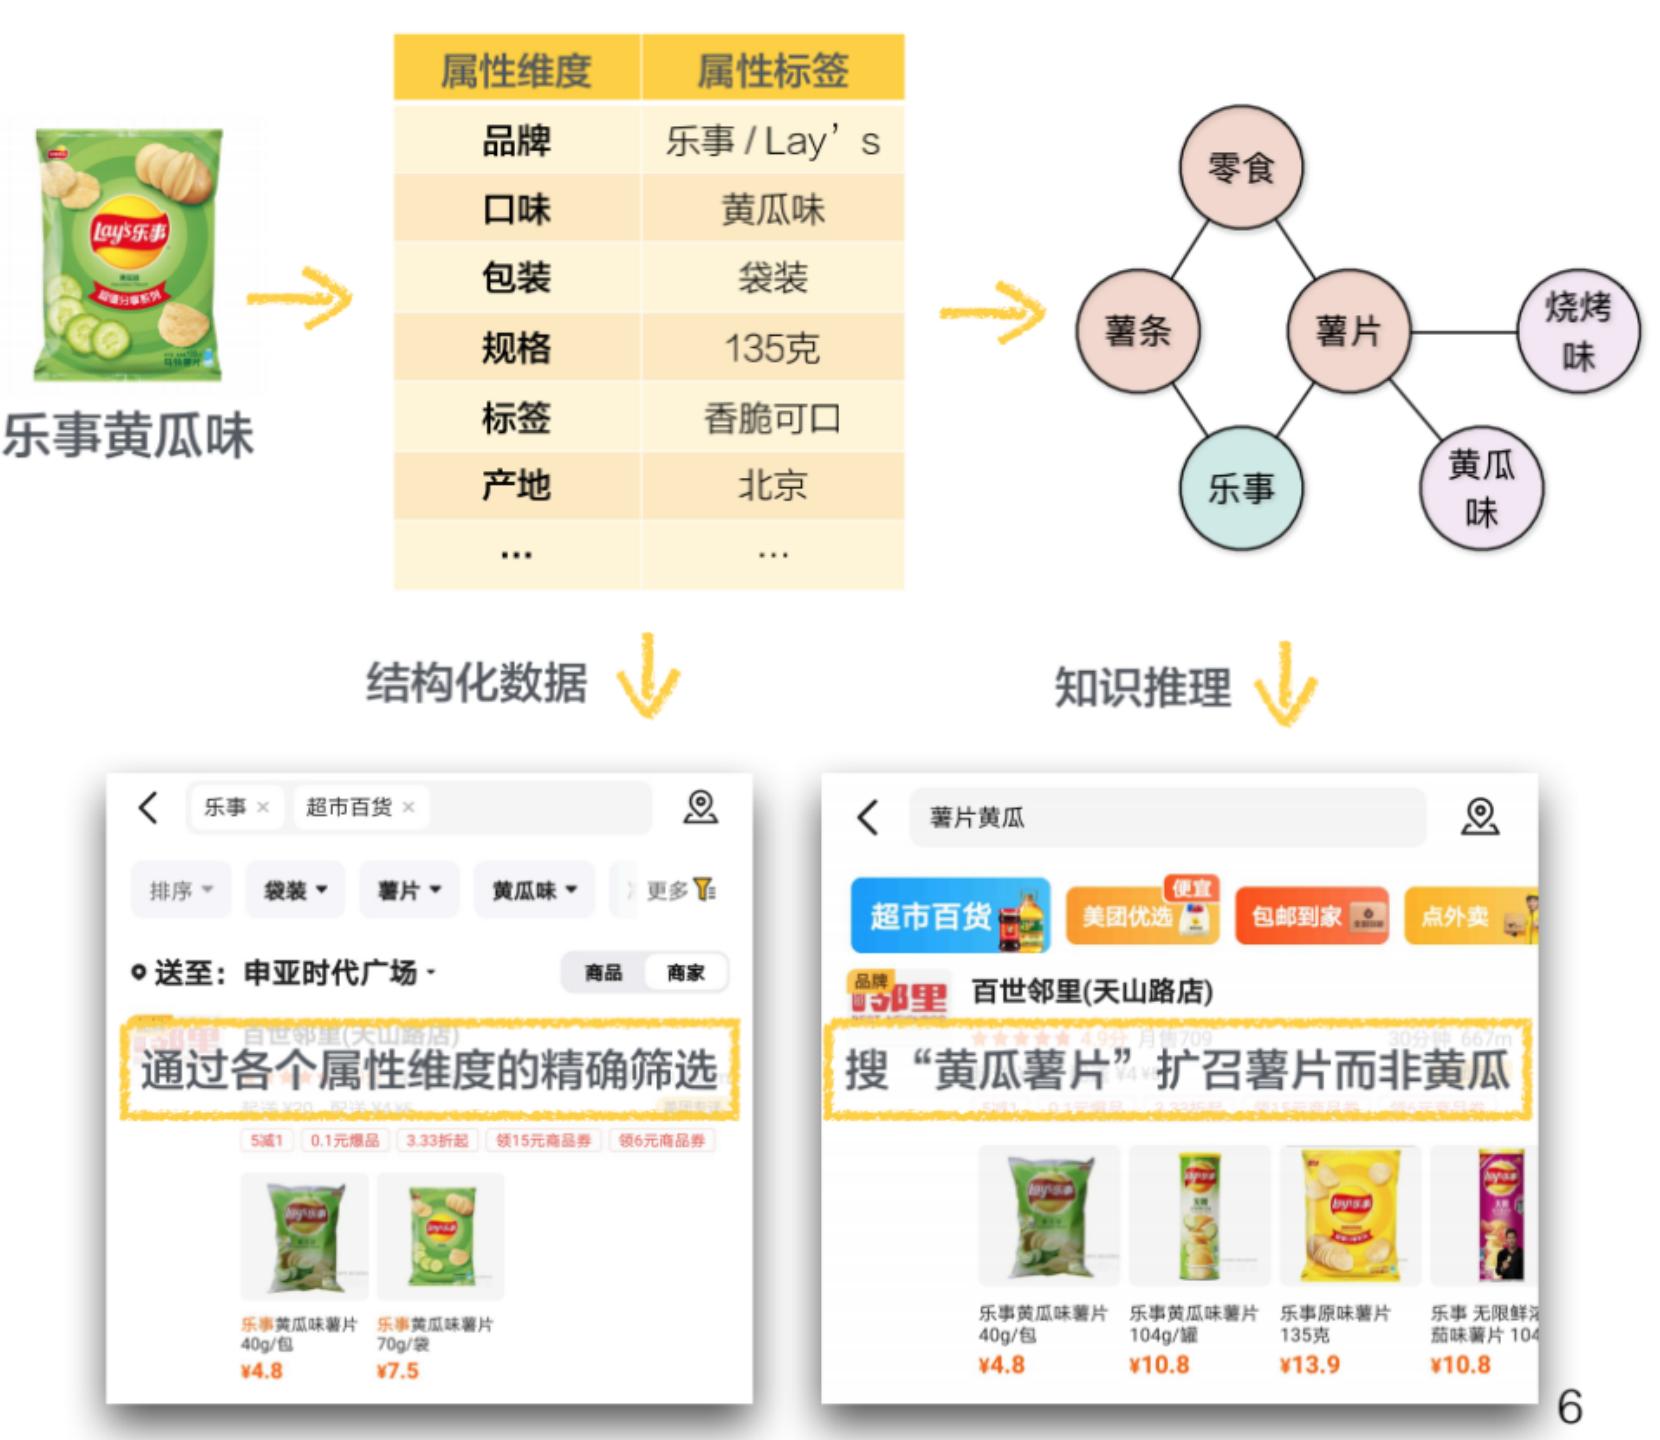 图3 商品结构化信息的应用